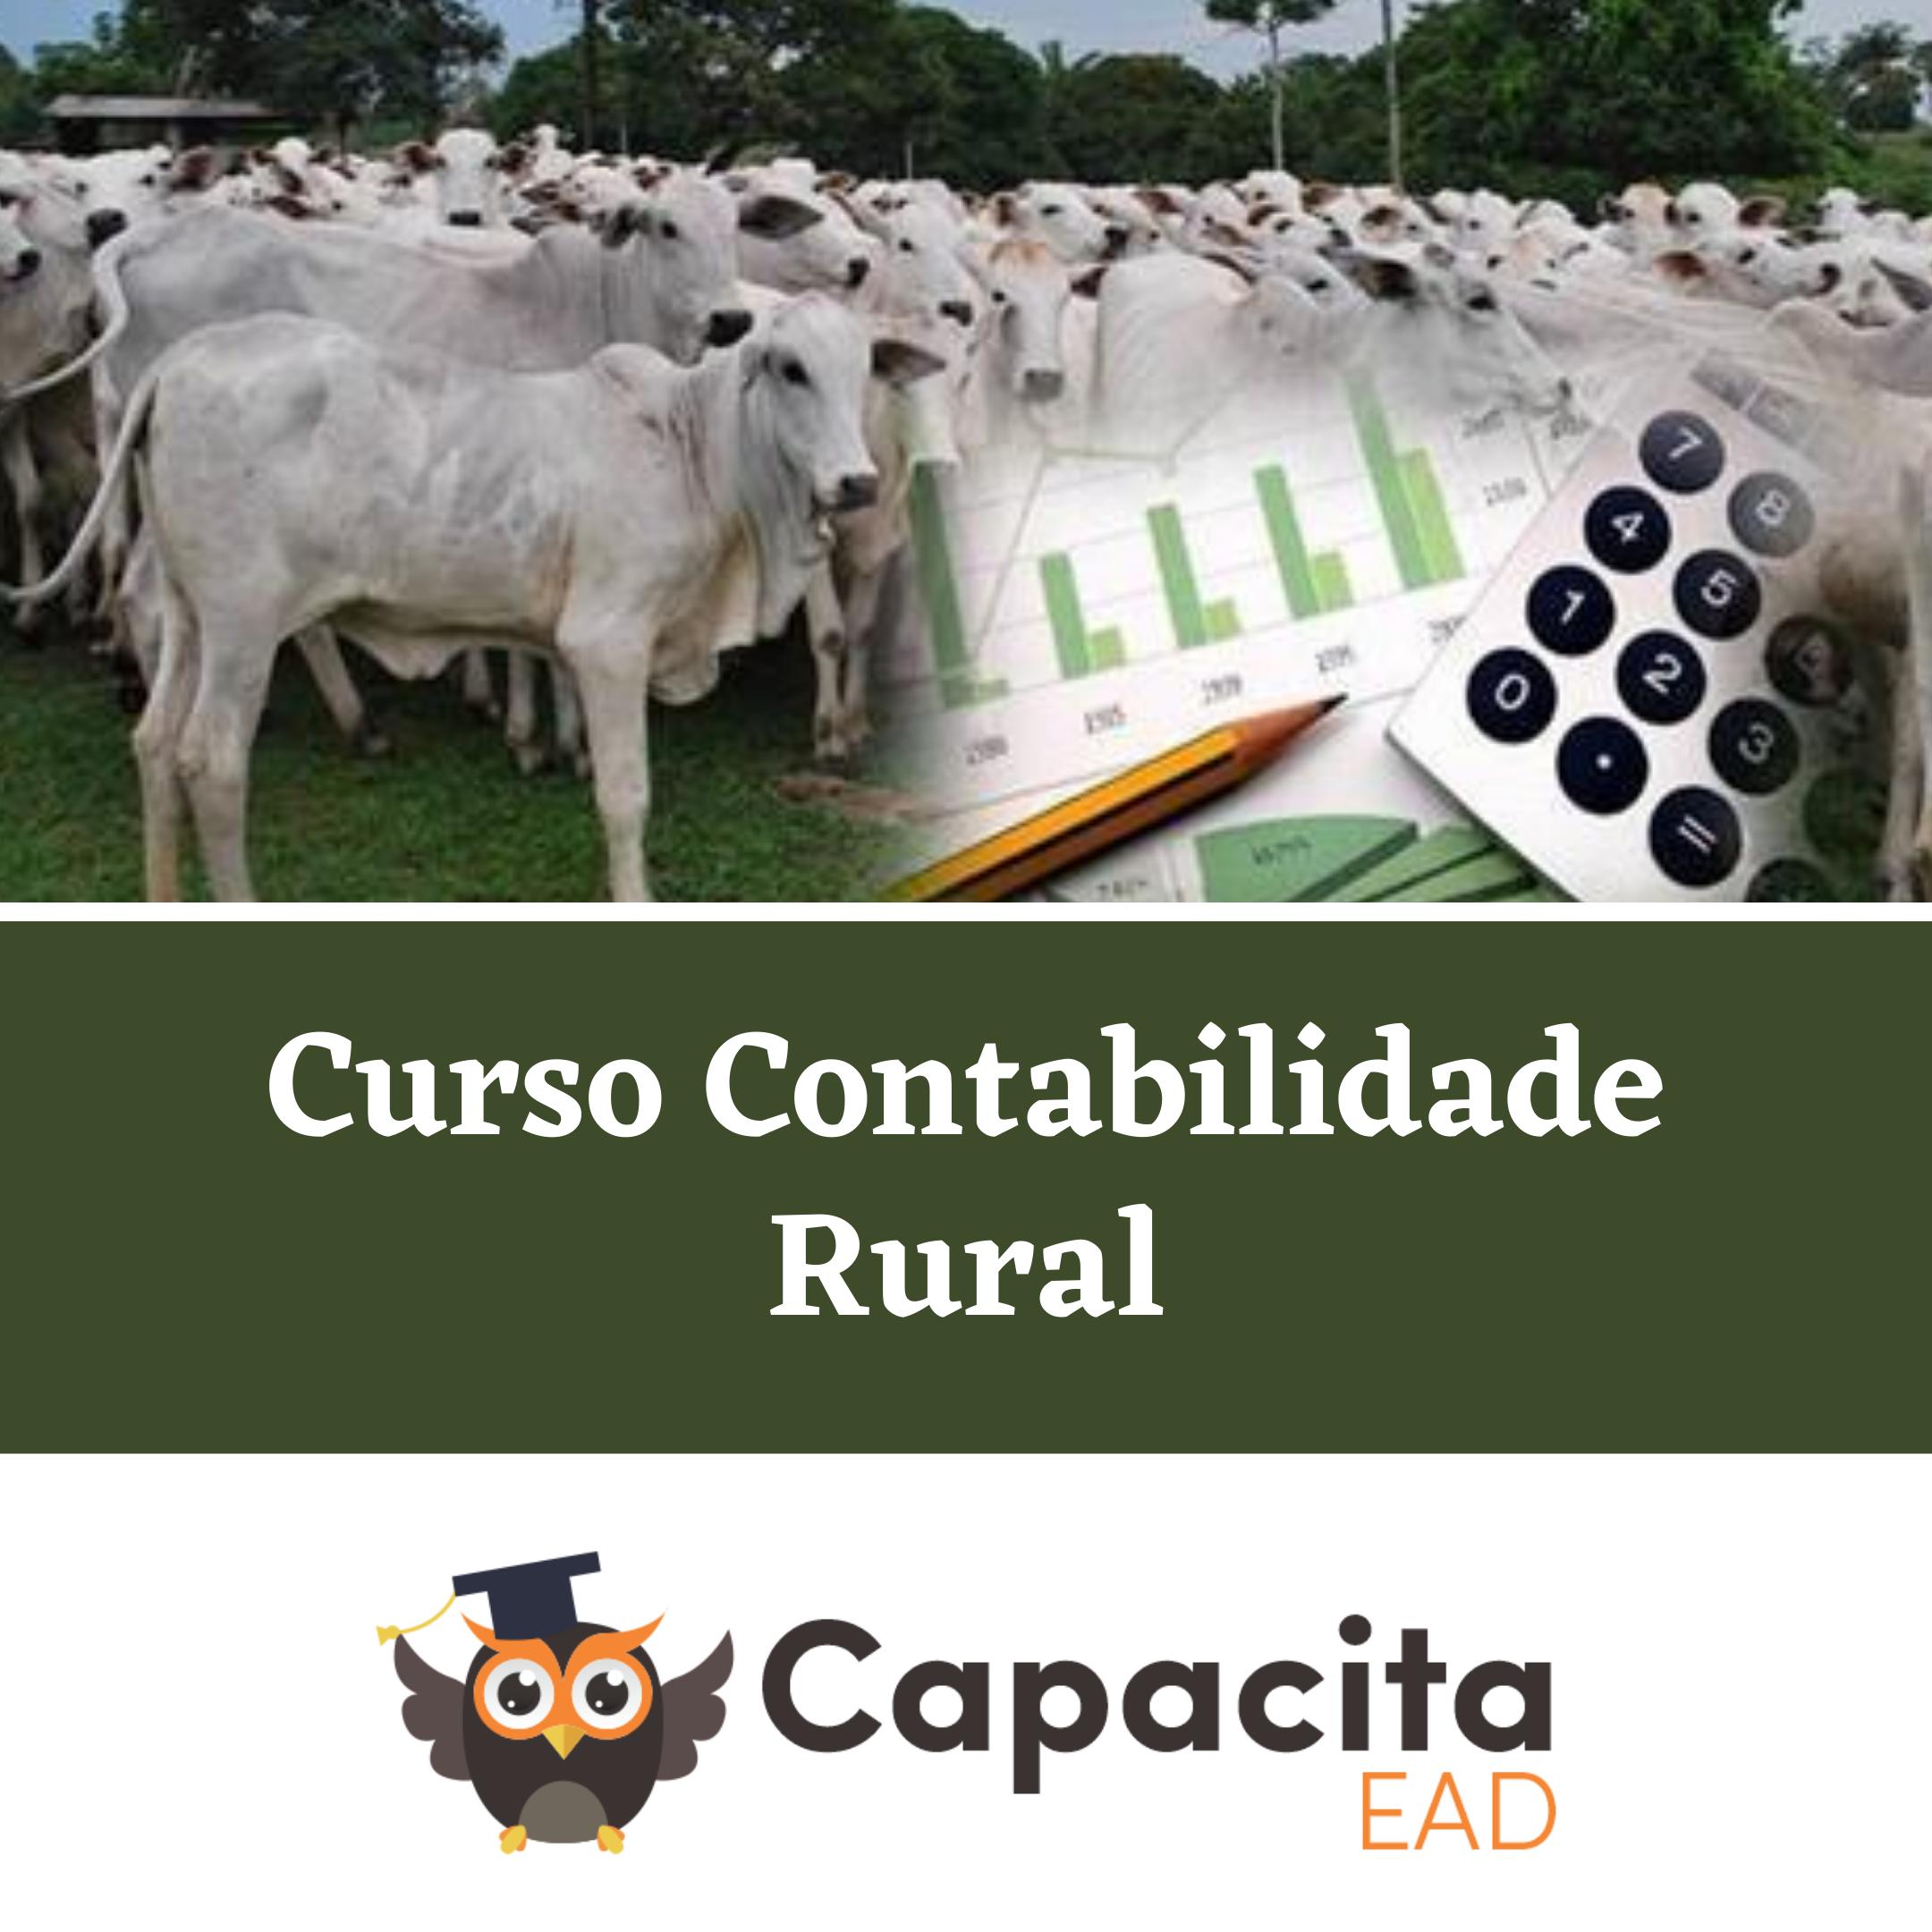 Curso Contabilidade Rural